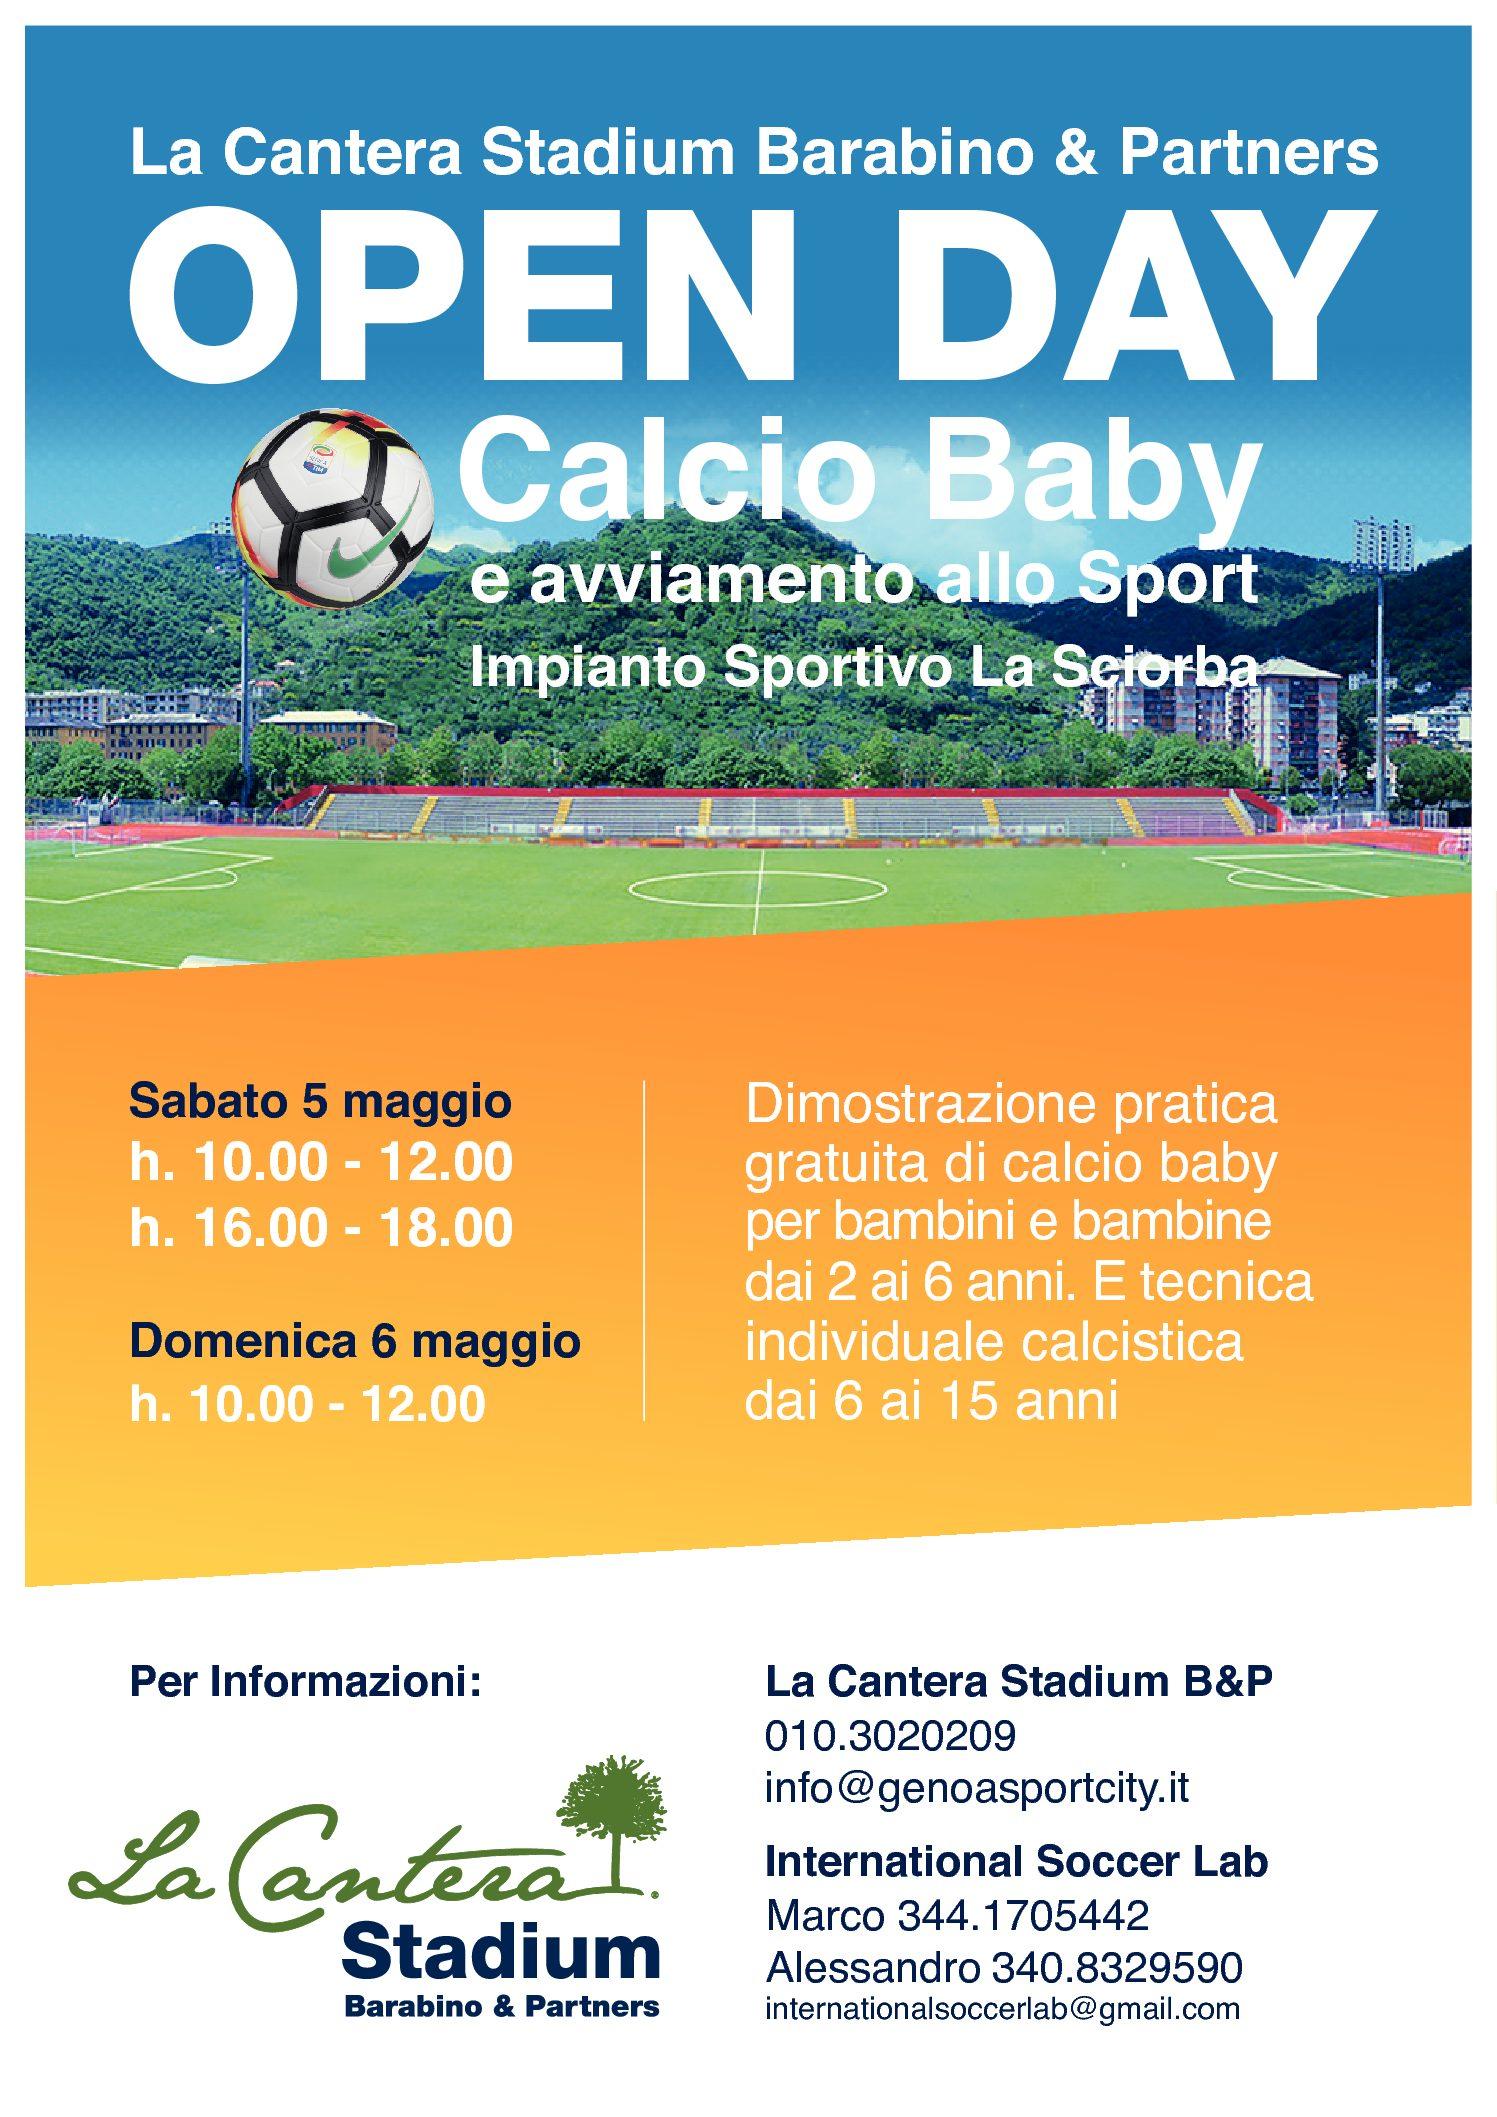 GENOA SPORTCITY: Open Day di calcio baby e avviamento allo sport per bambini e bambine dai 2 anni in su.